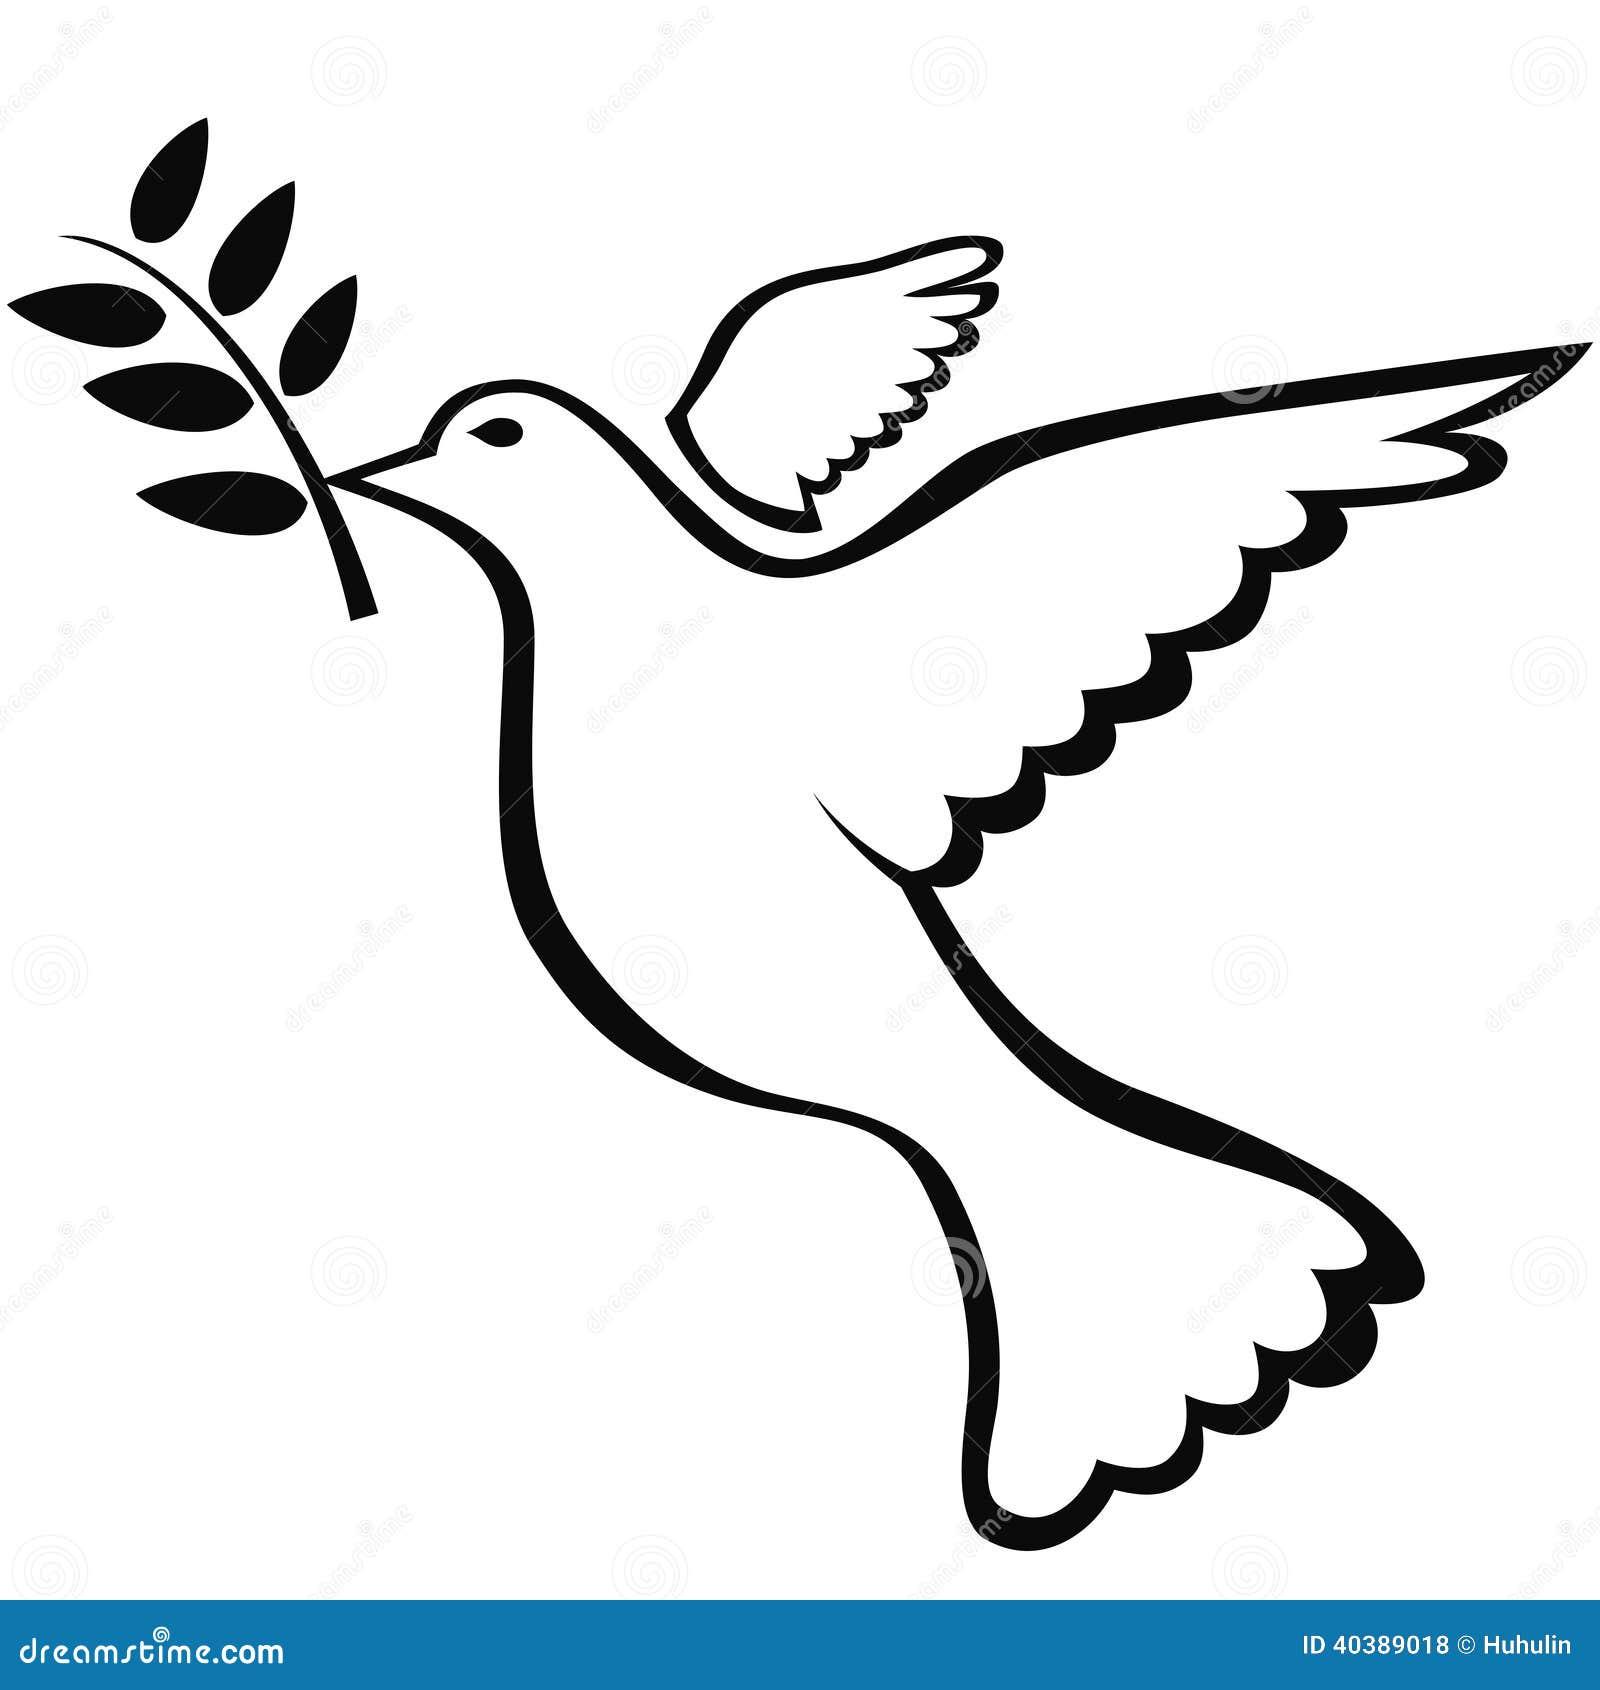 Iets Nieuws Symbool Voor Vrijheid @LZW44 - AgnesWaMu #FQ38